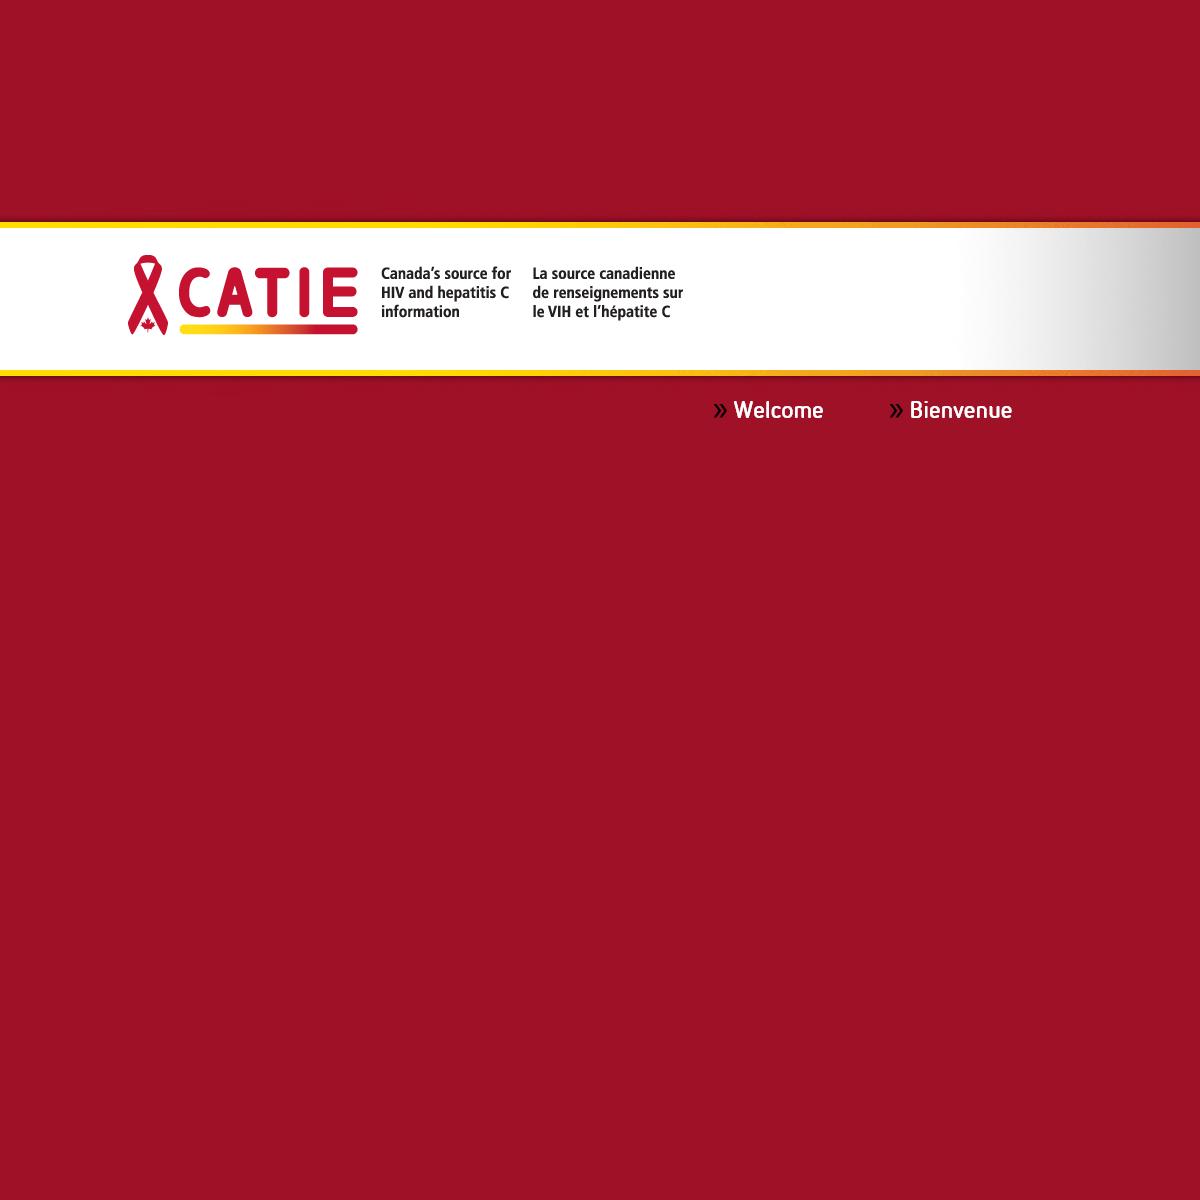 CATIE - Canada`s source for HIV and hepatitis C information - La source canadienne de renseignements sur le VIH et l`hépatite C